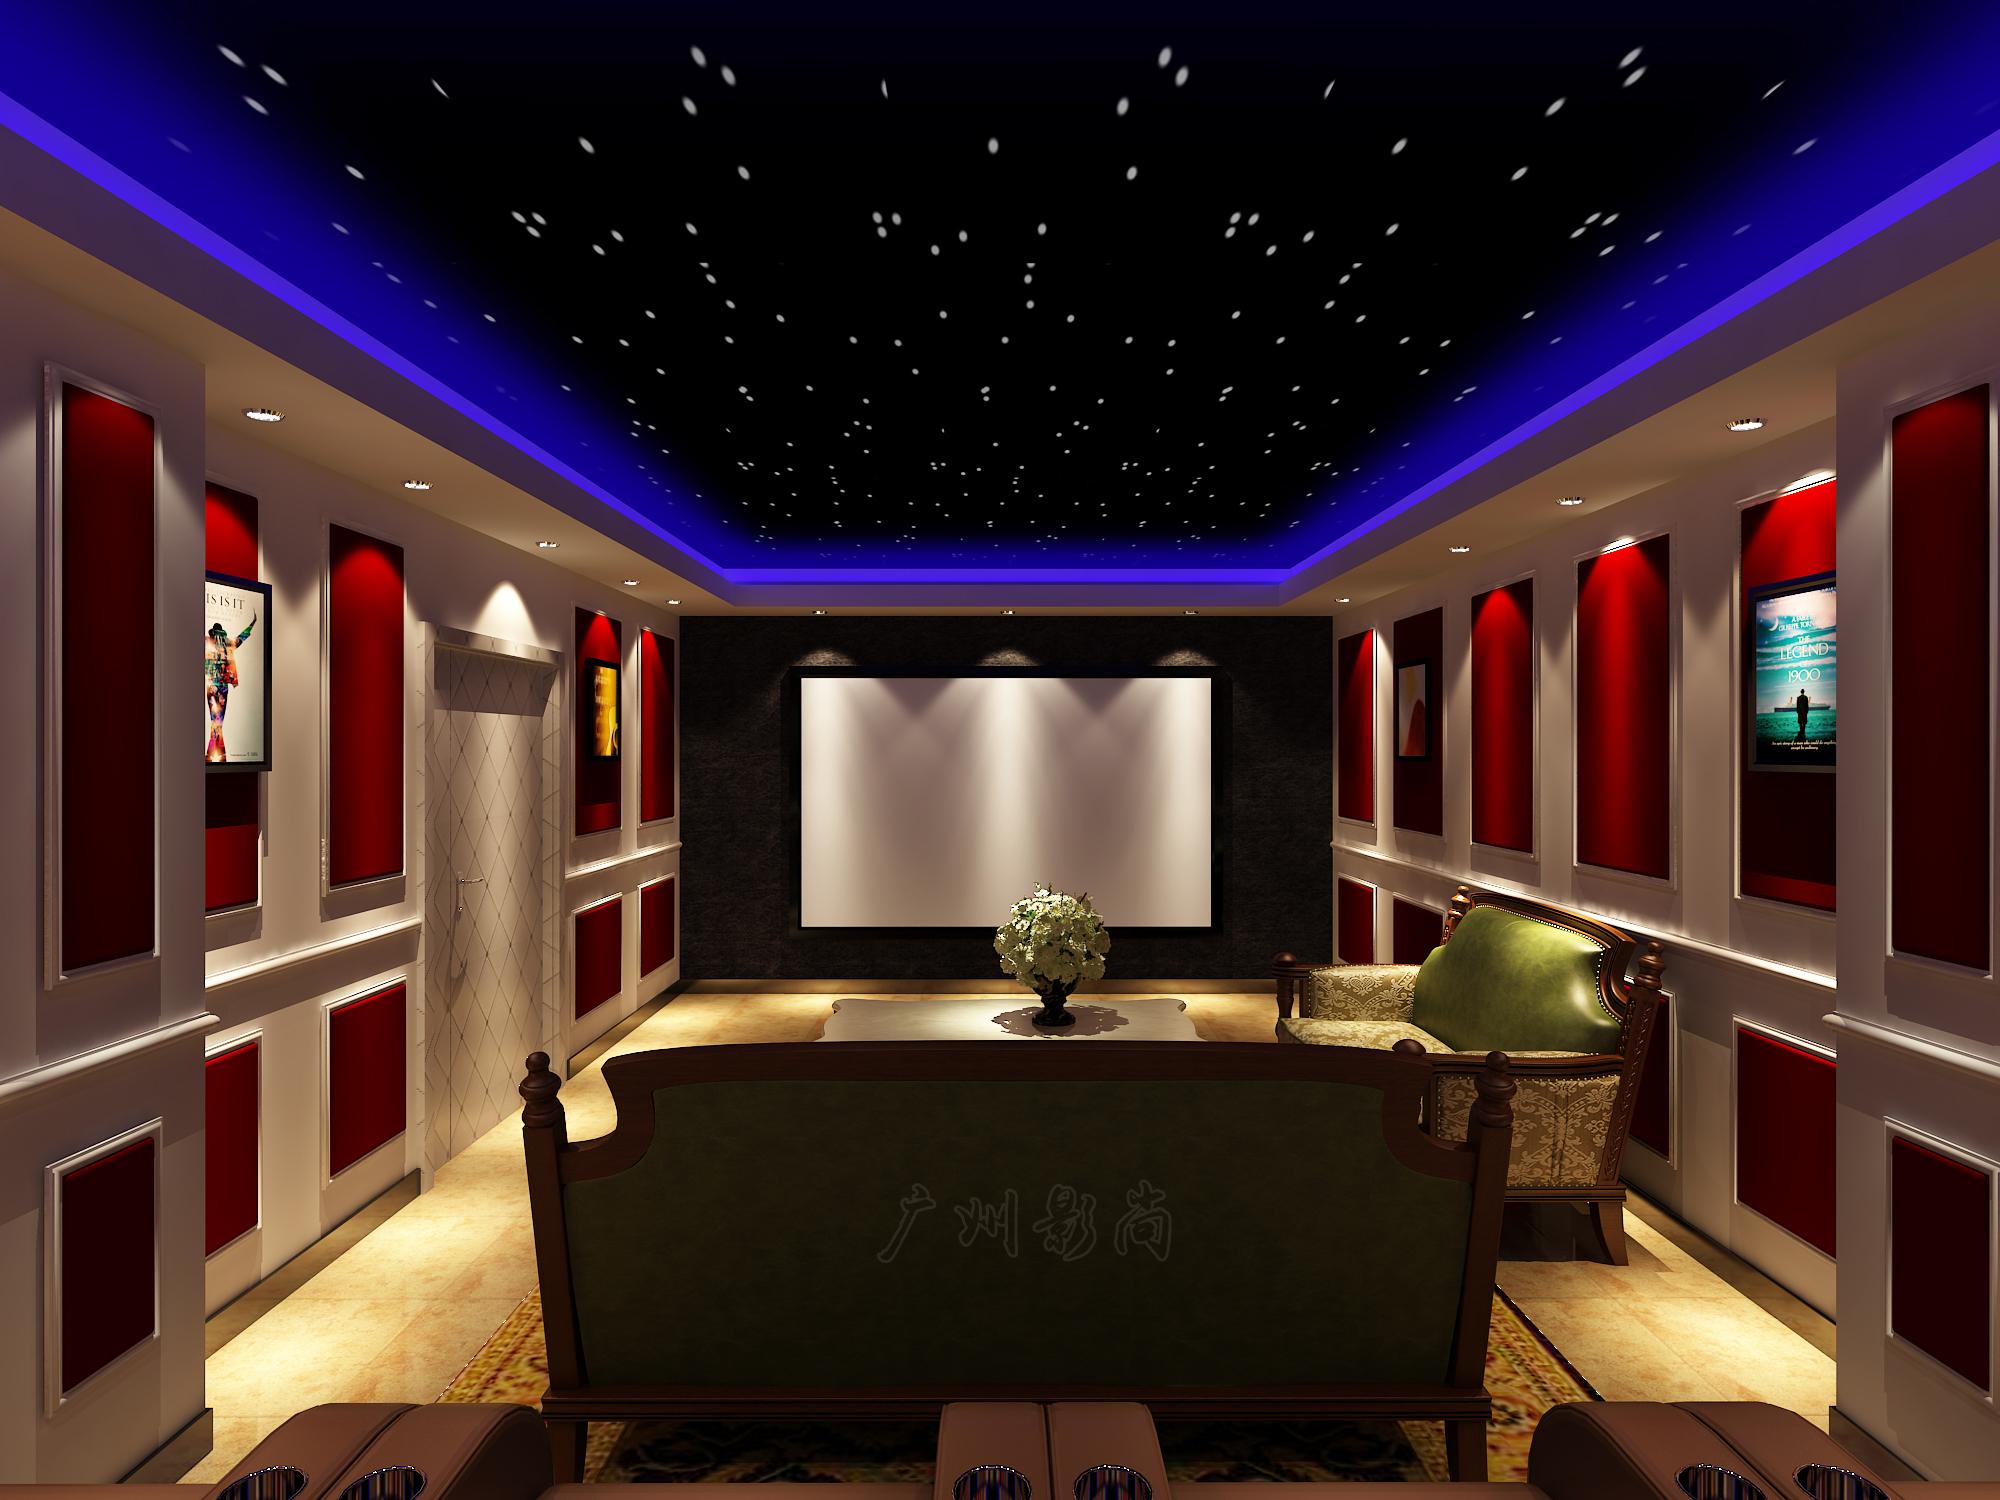 如何设计智能的家庭影院